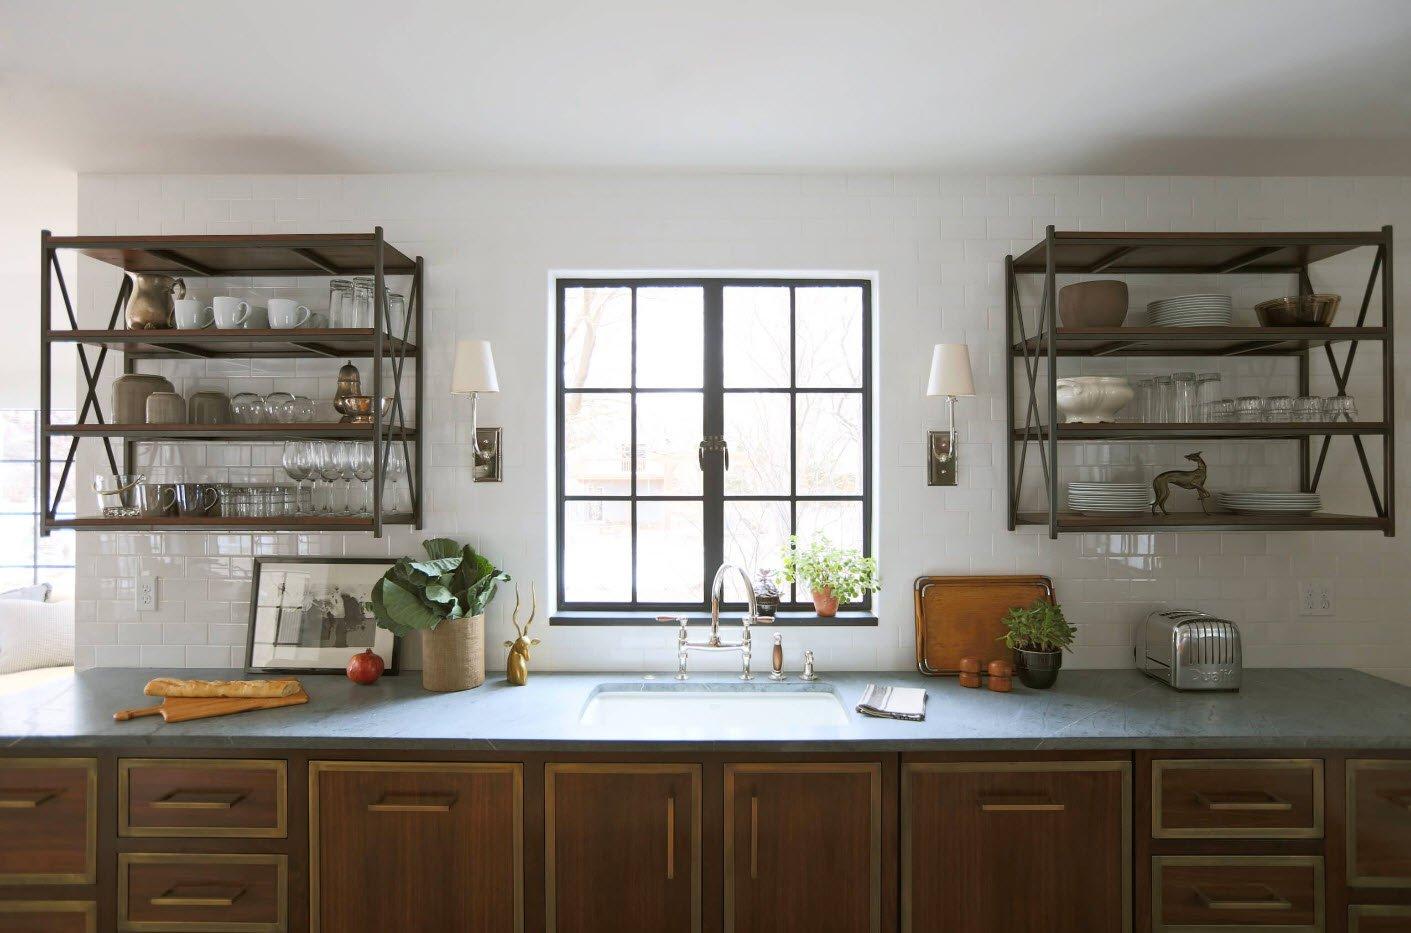 полки вместо подвесных шкафов на кухне фото сам